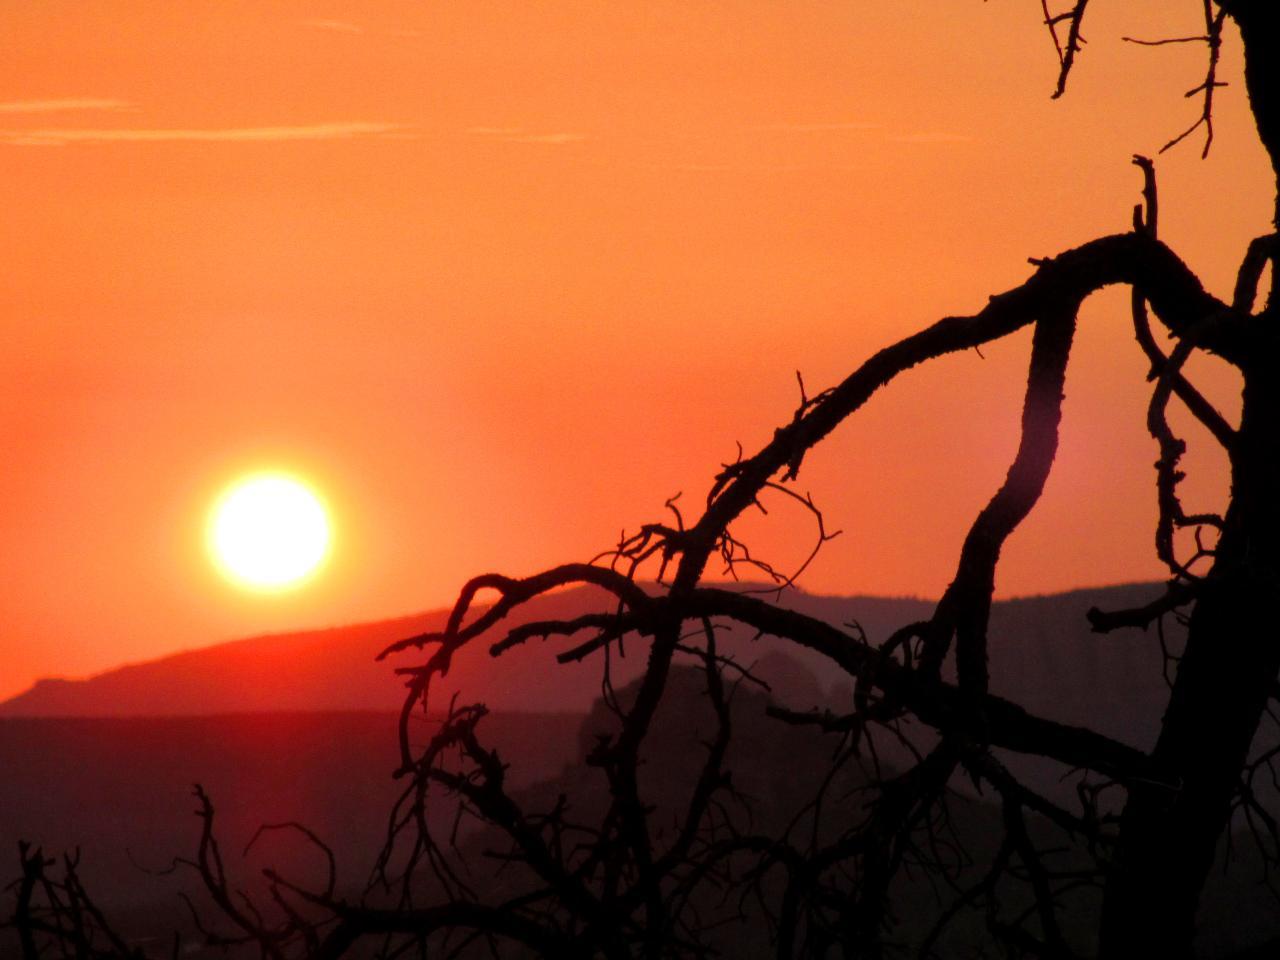 Sedona Photography Sunrise/Sunset Combo Tour